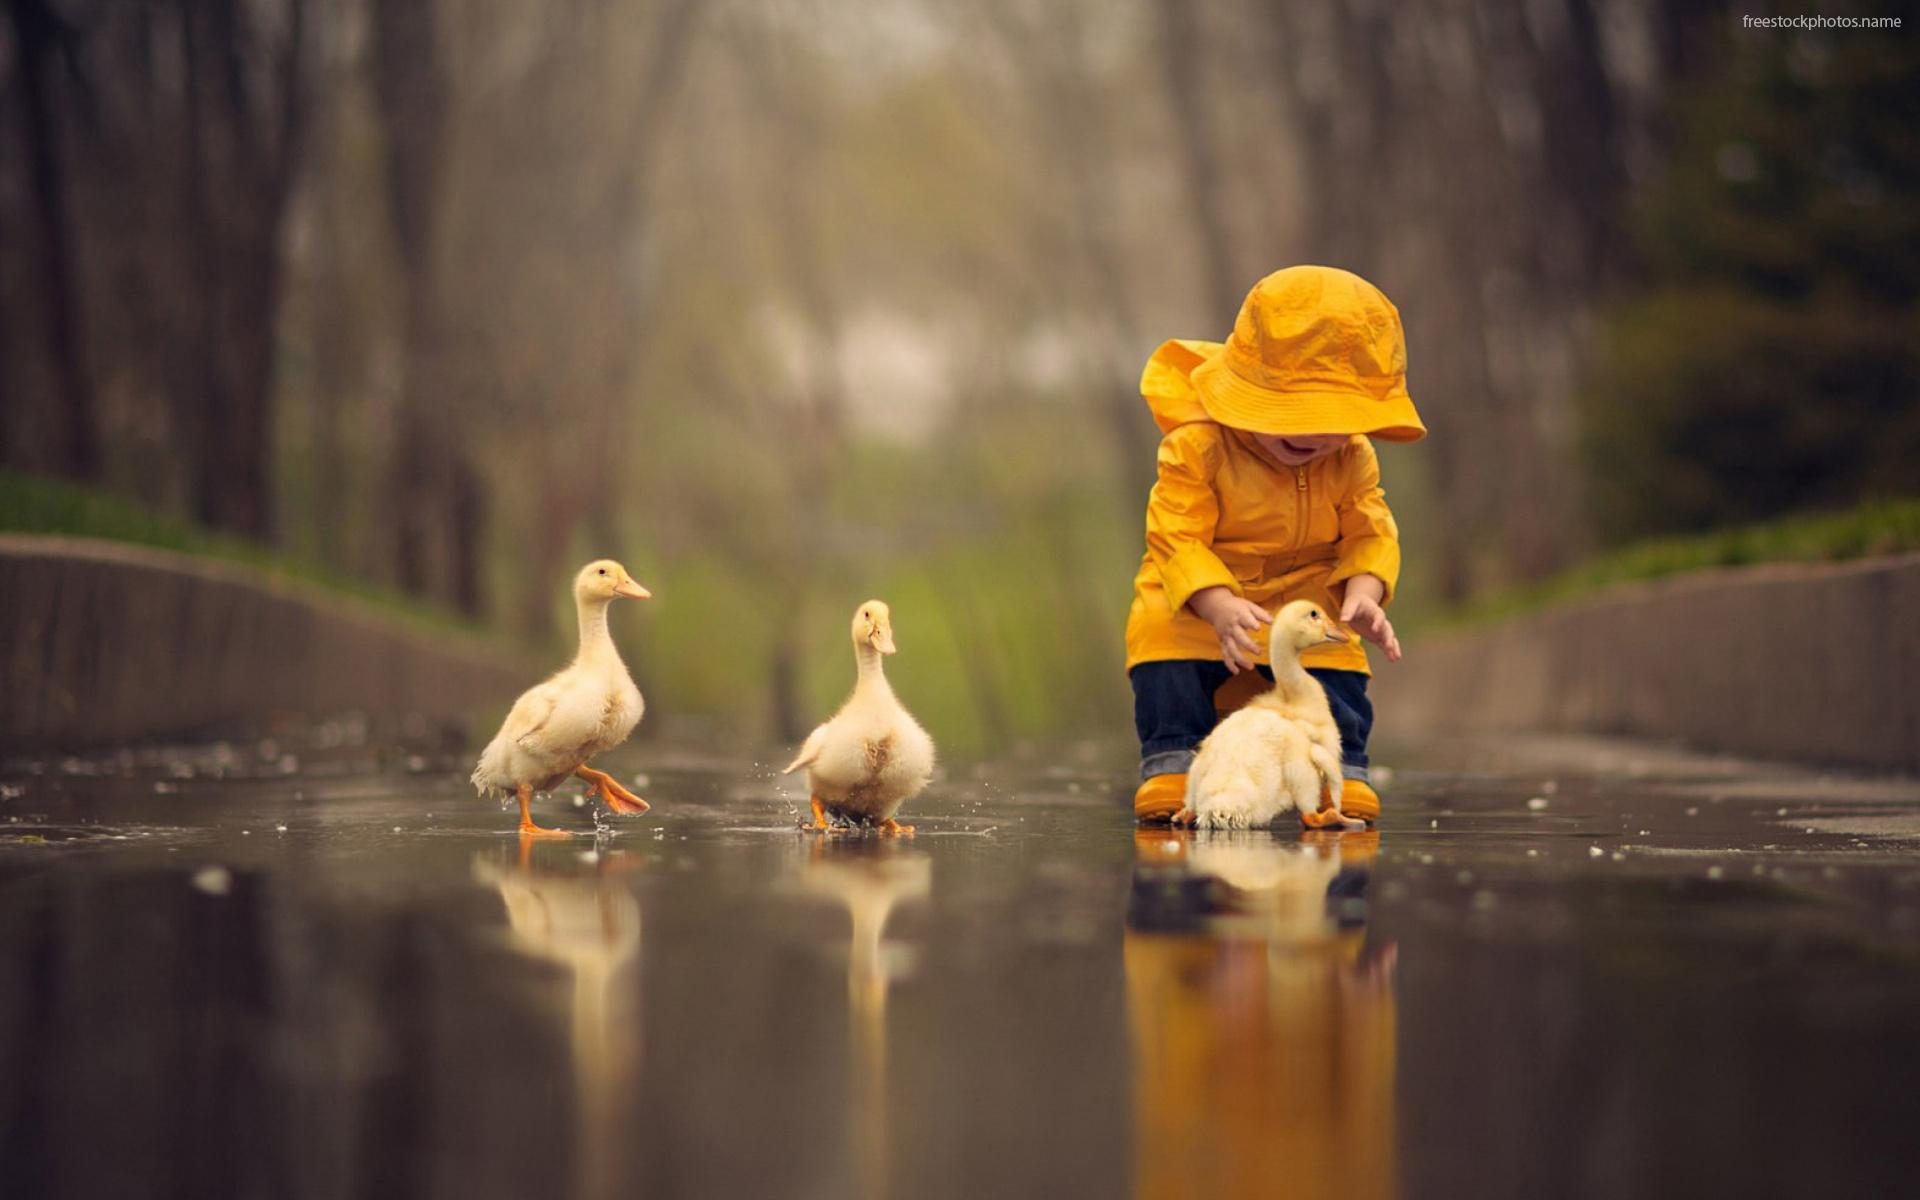 rain play children (19) (2016_11_29 04_58_35 UTC) (2018_06_06 09_18_44 UTC).jpg